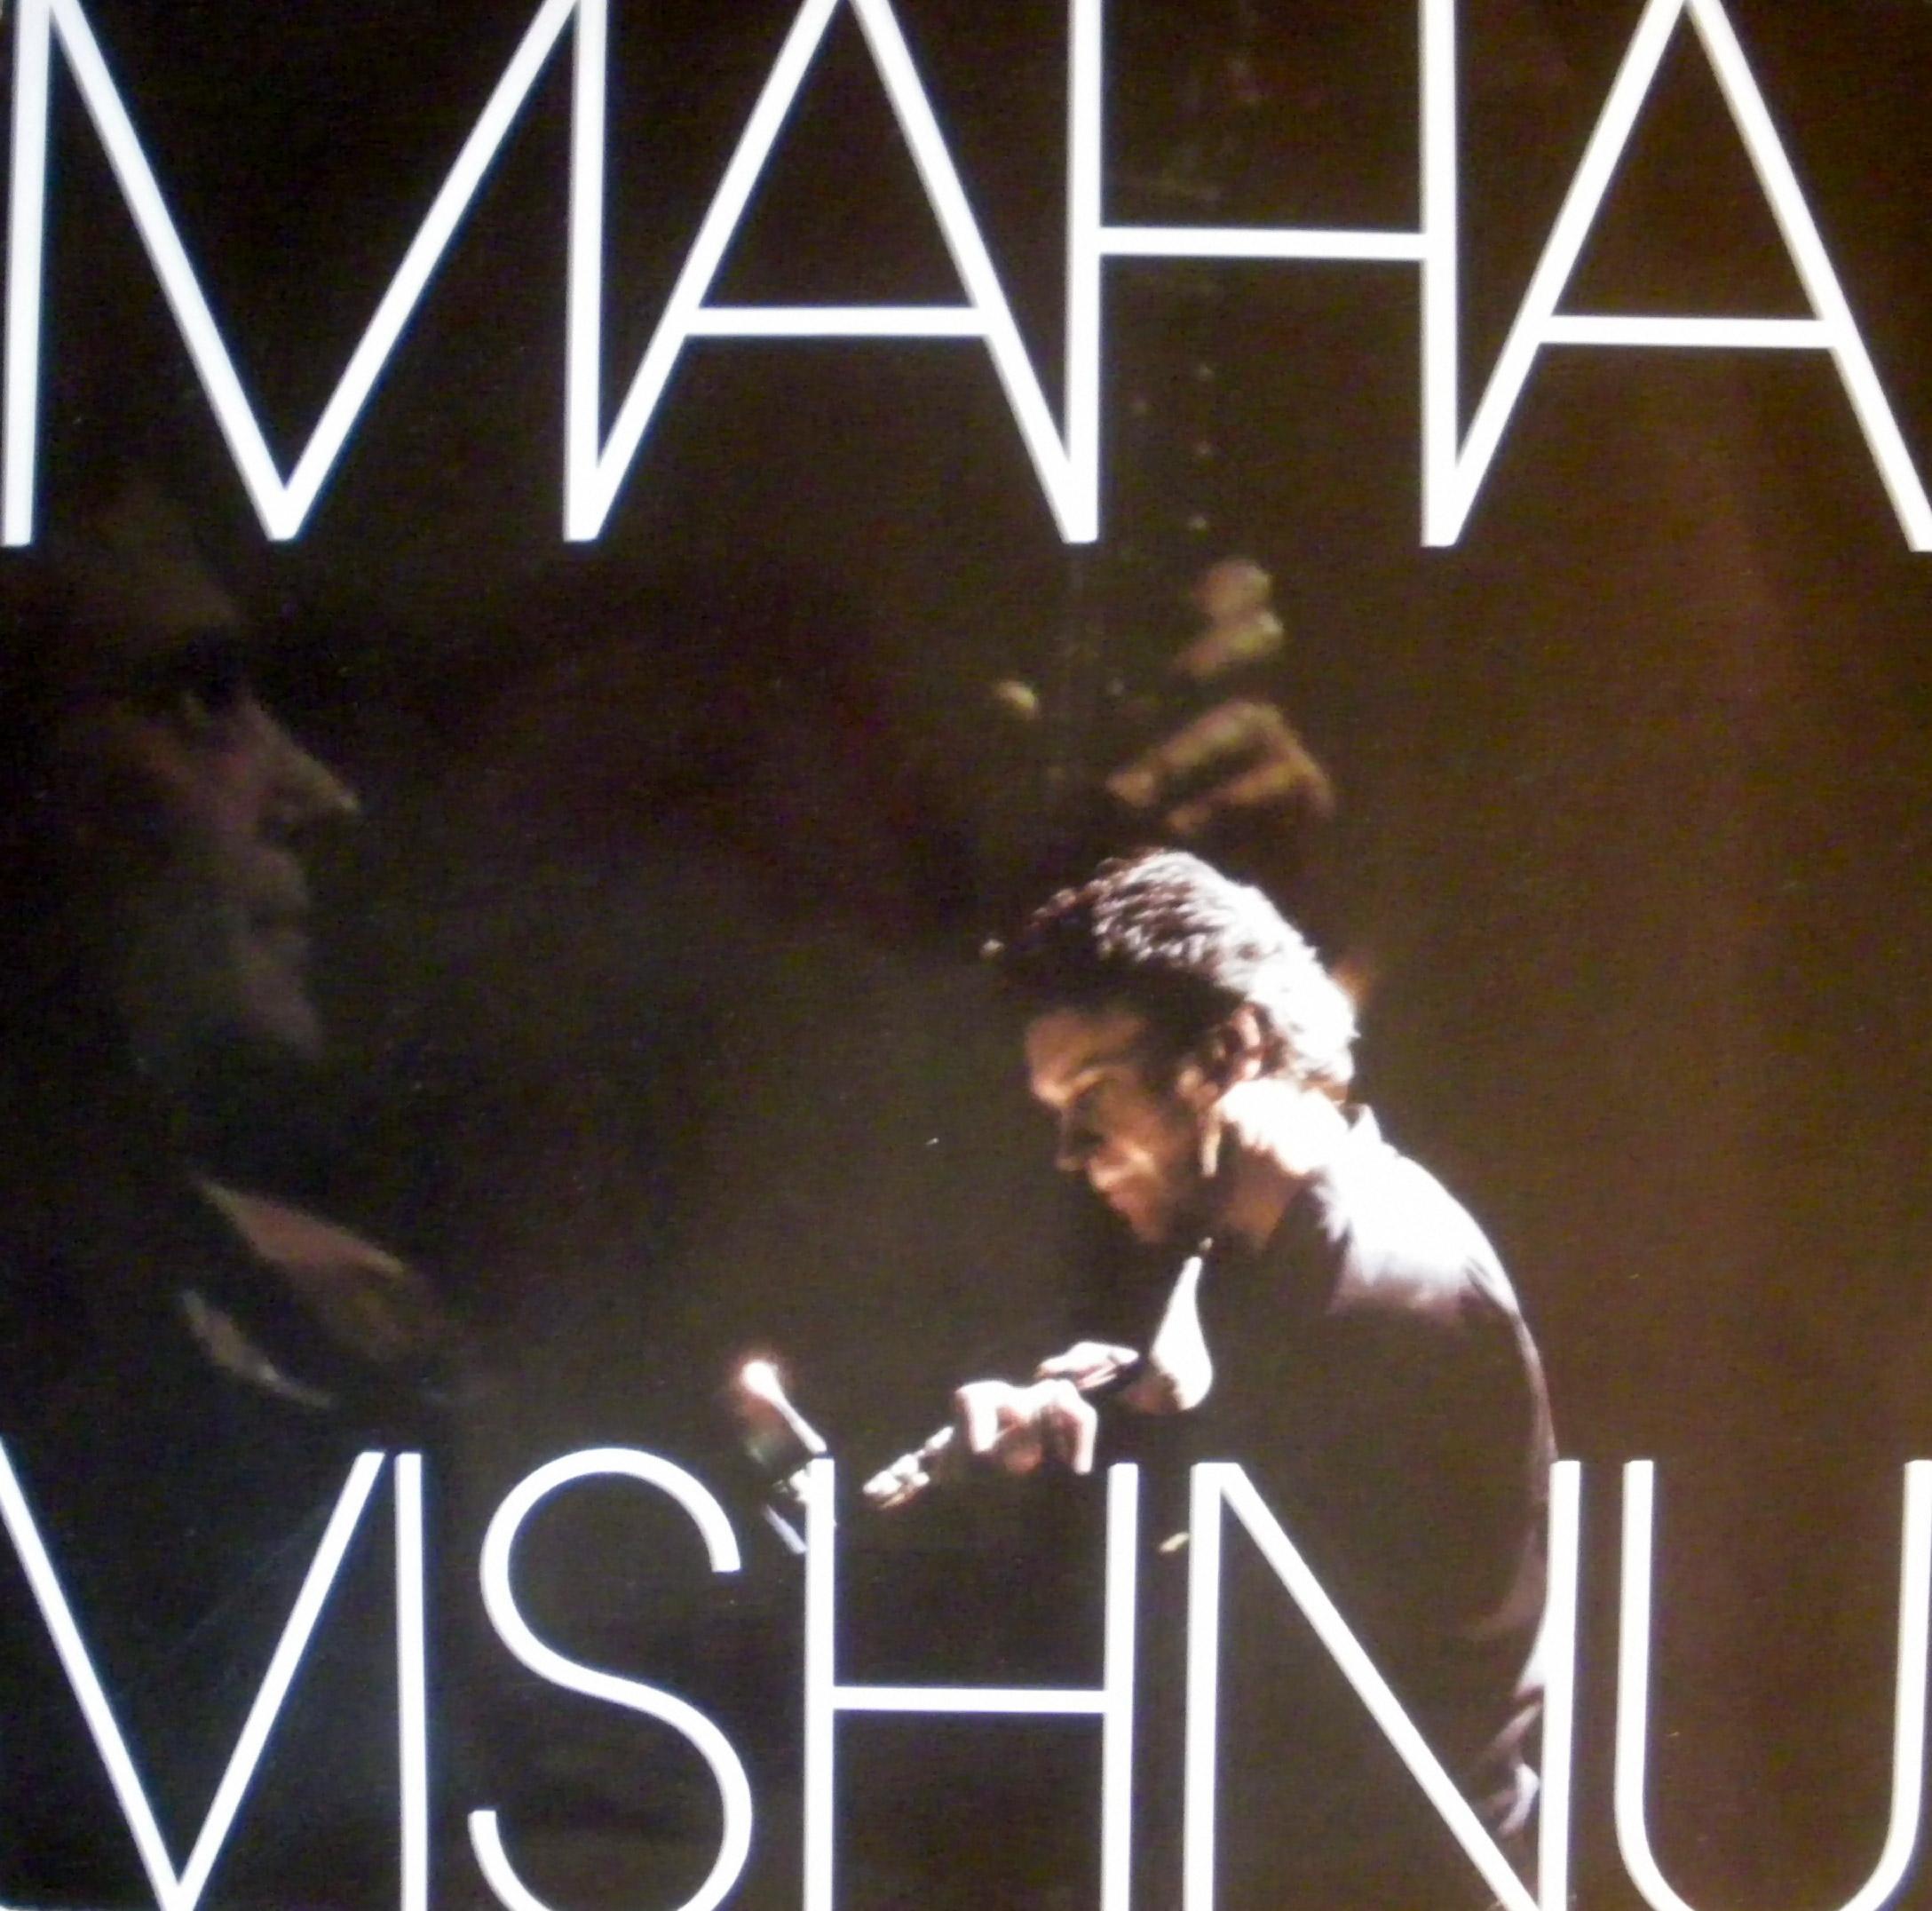 Mahavishnu – 1984